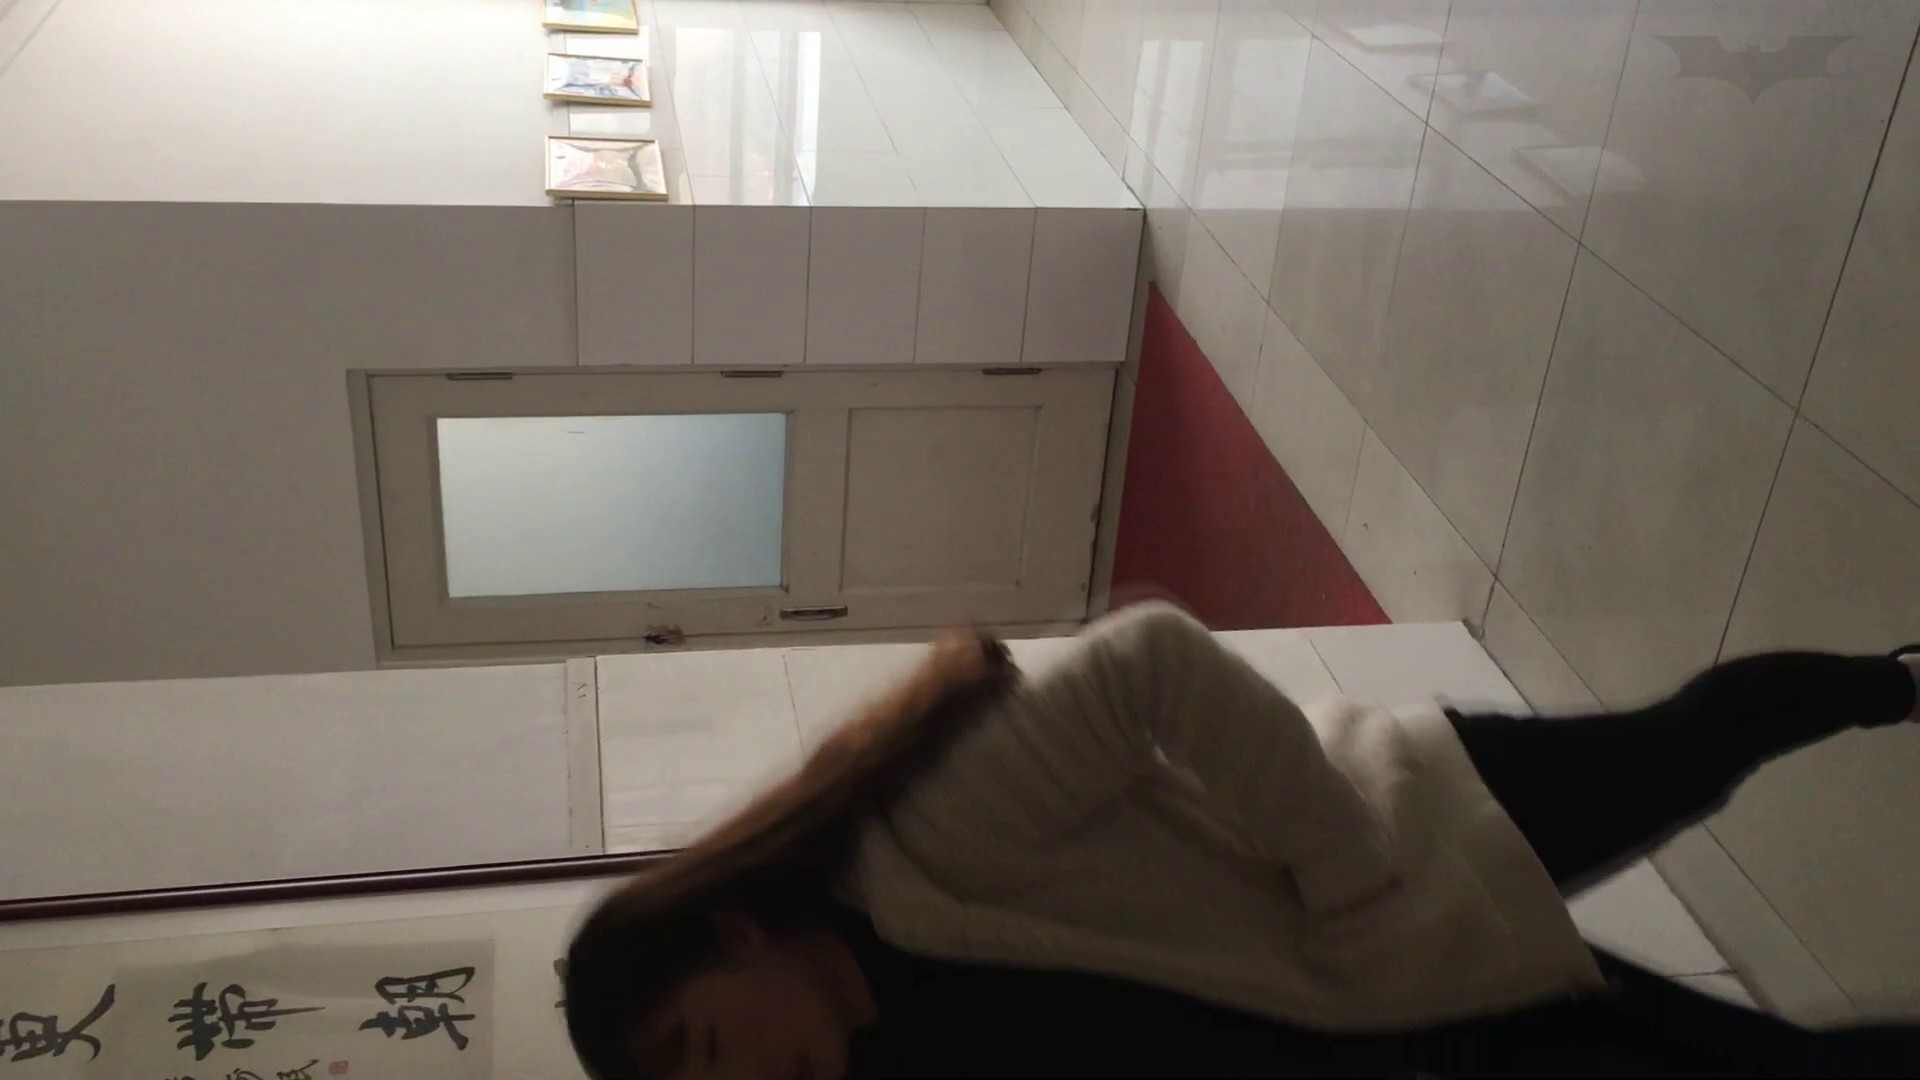 芸術大学ガチ潜入盗撮 JD盗撮 美女の洗面所の秘密 Vol.92 潜入 おまんこ動画流出 56画像 53